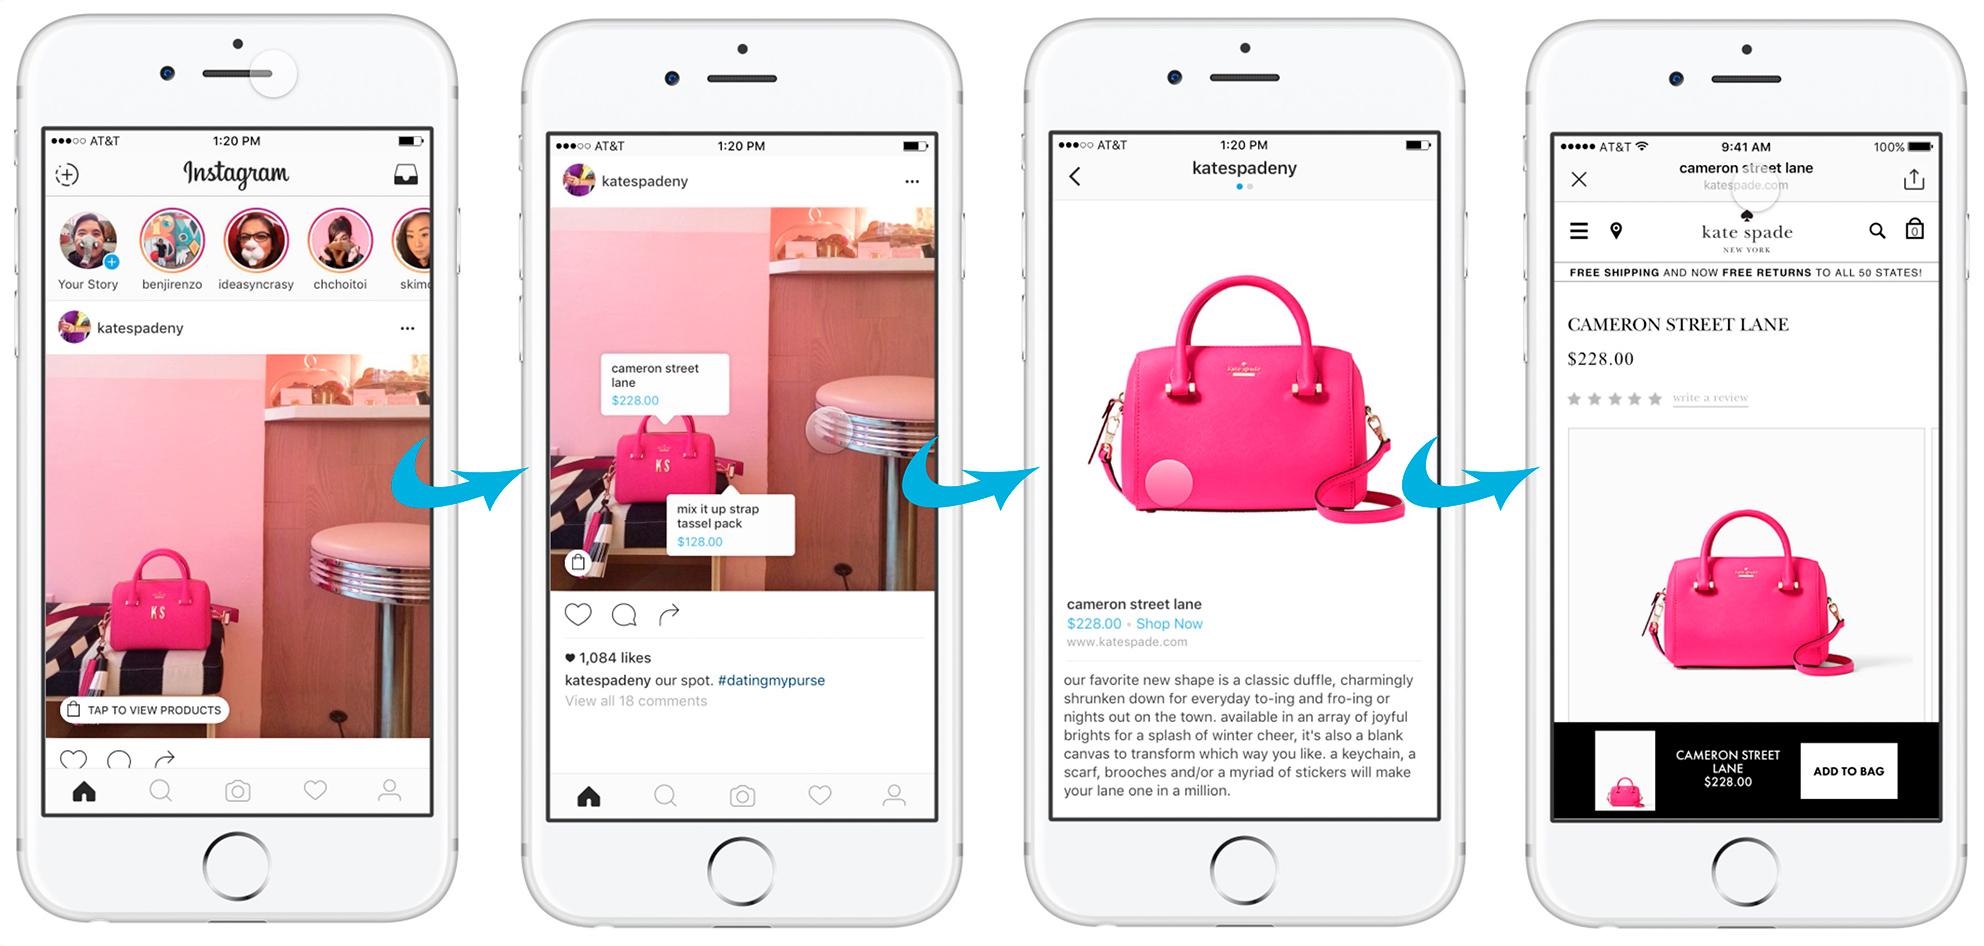 instagram-anuncios-shopify